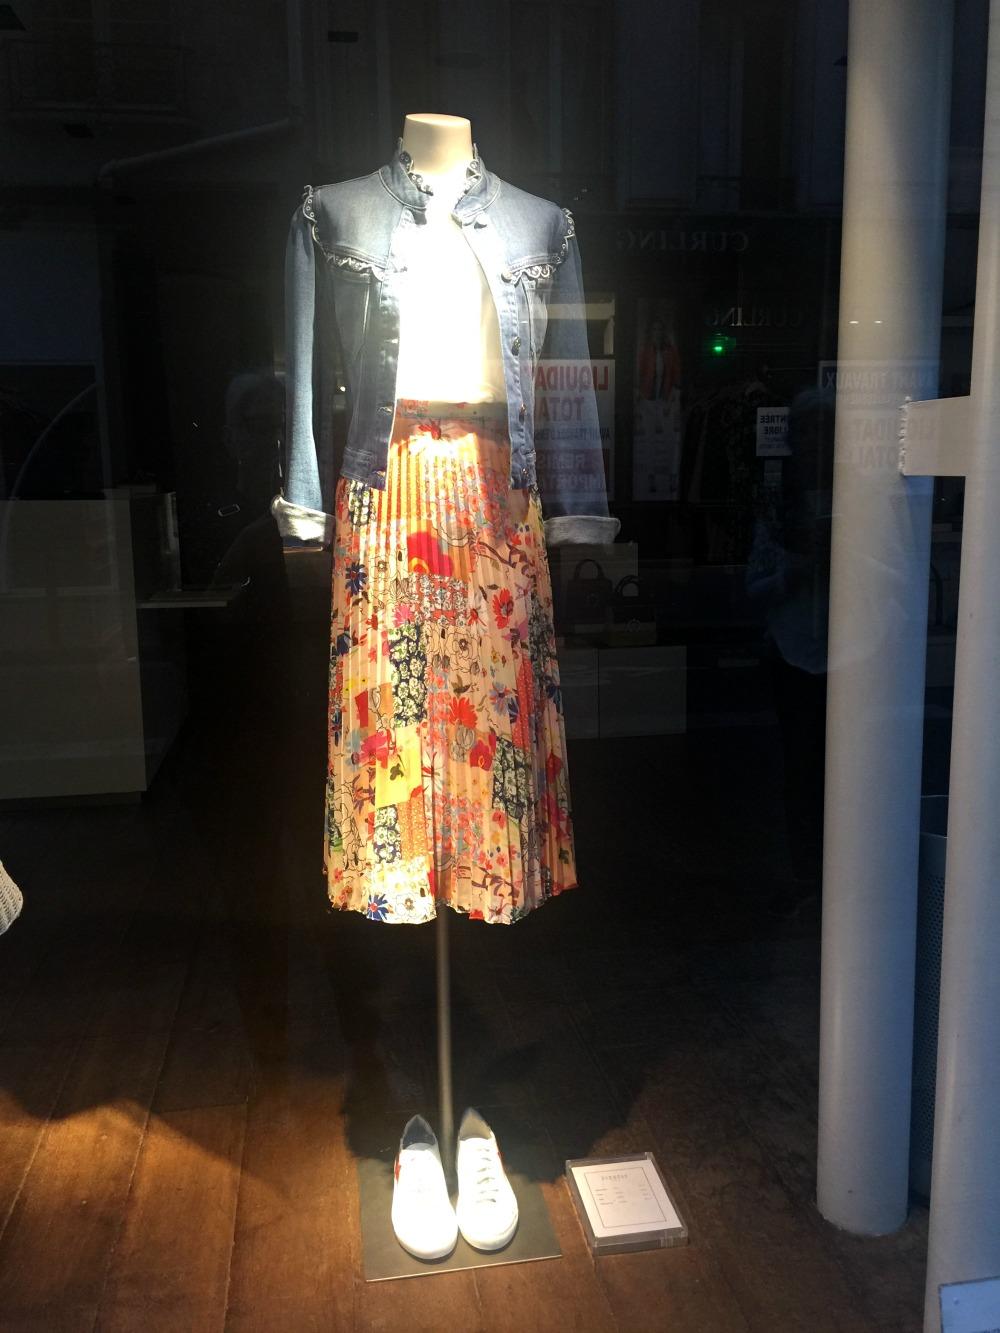 Pleated floral skirt in a Paris shop window. Details at une femme d'un certain age.